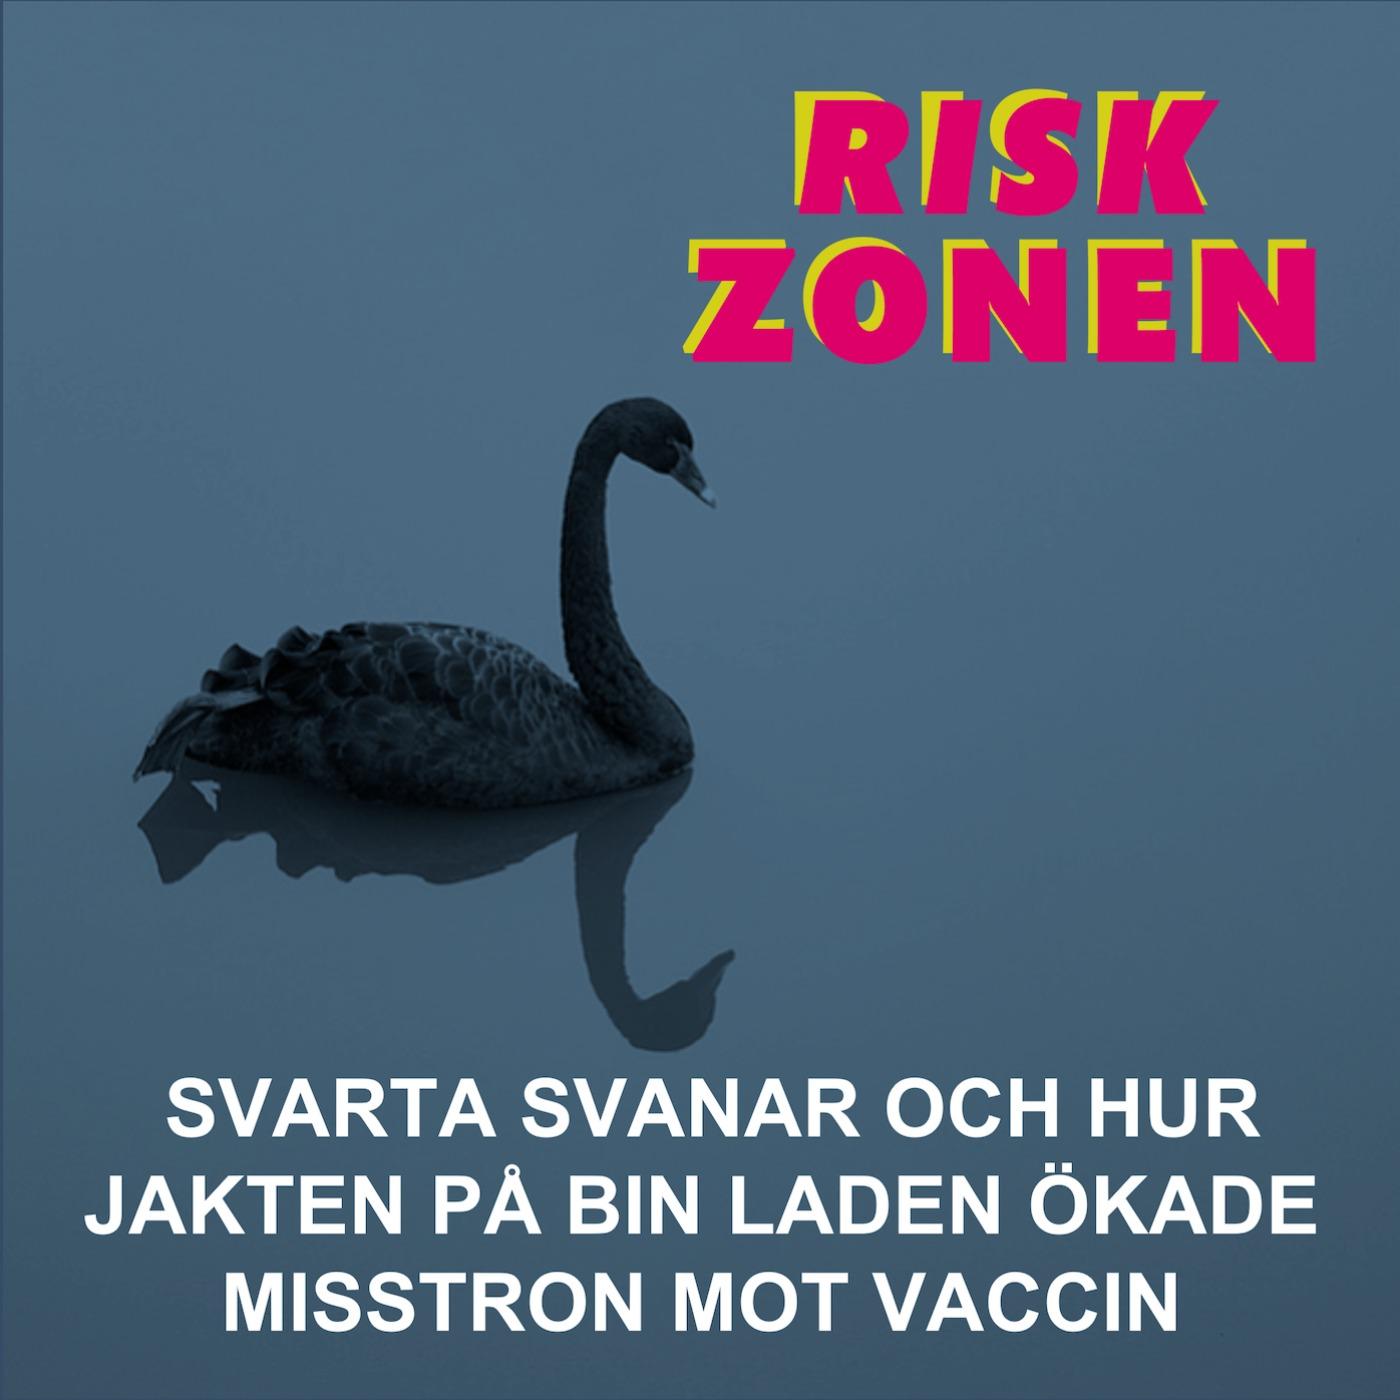 Svarta svanar och hur jakten på bin Laden ökade misstron mot vaccin